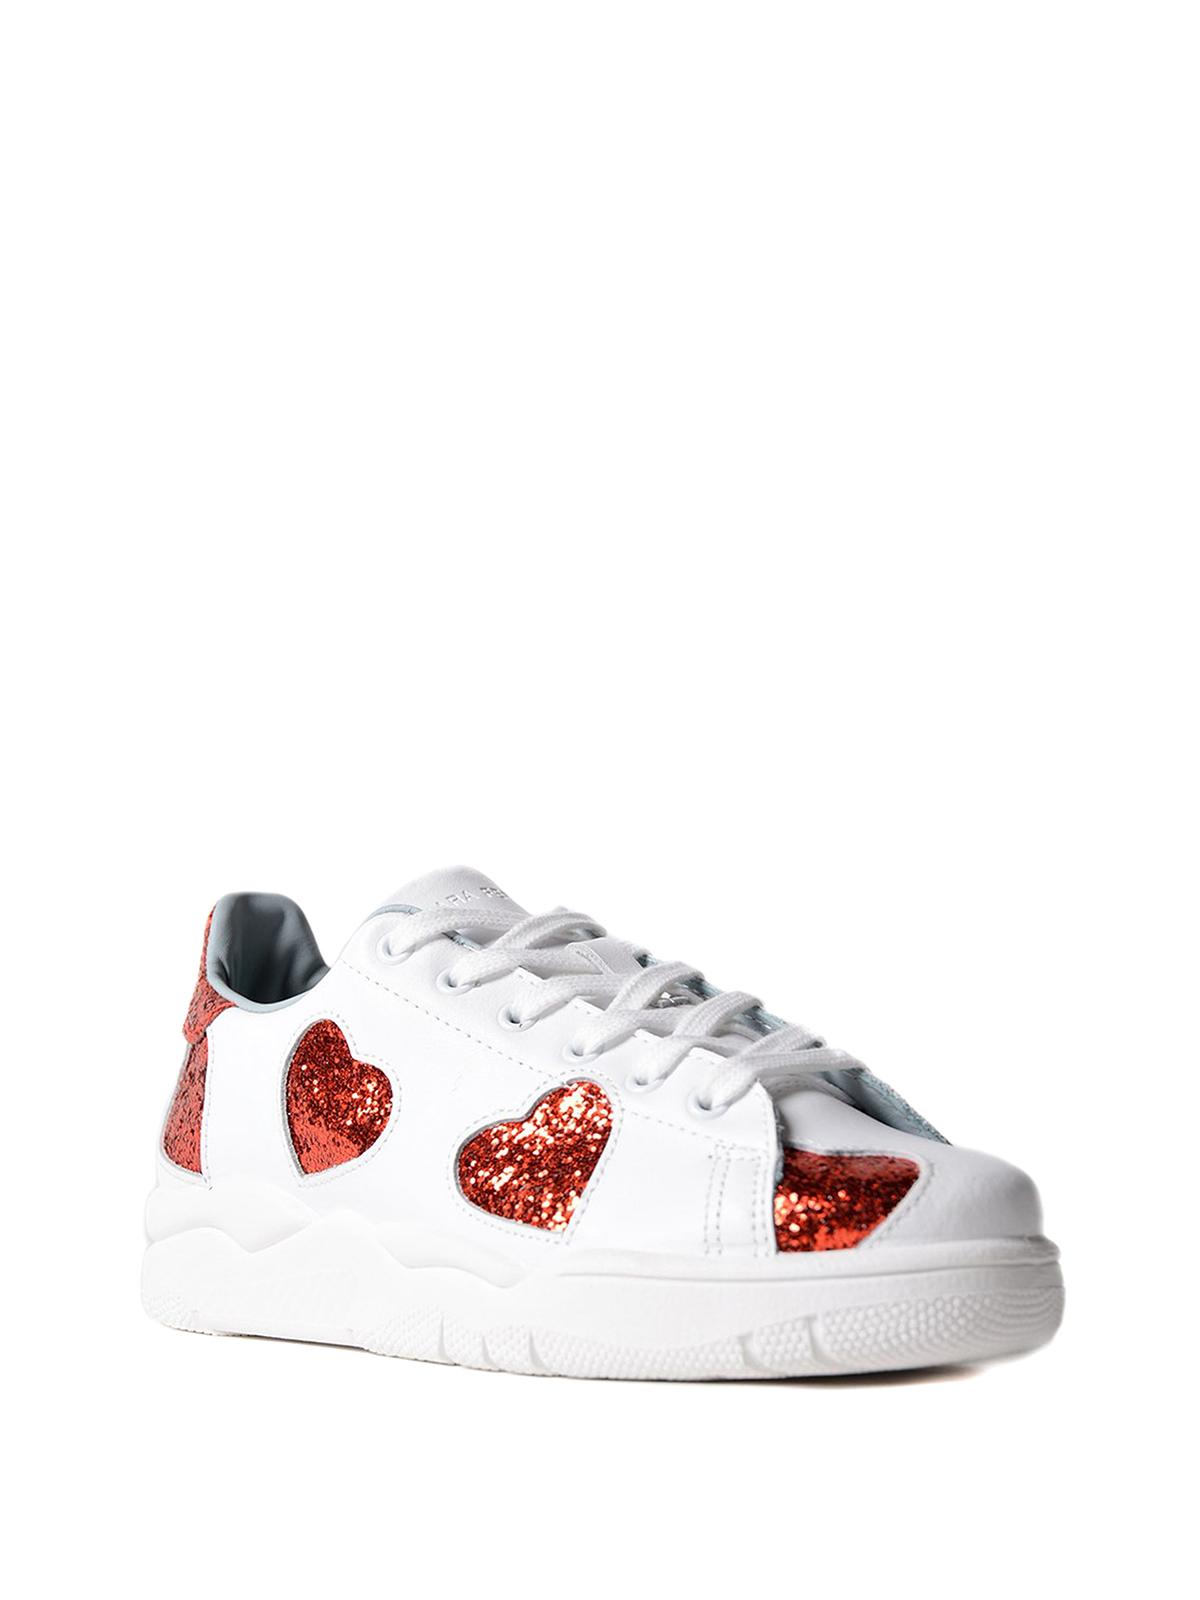 Chiara Ferragni Sneakers Cuori Glitter Falso En Venta Comprar Bajo Costo Barato Los Mejores Precios De Venta Eastbay Barato Real Sneakernews En Línea zeJfOPI